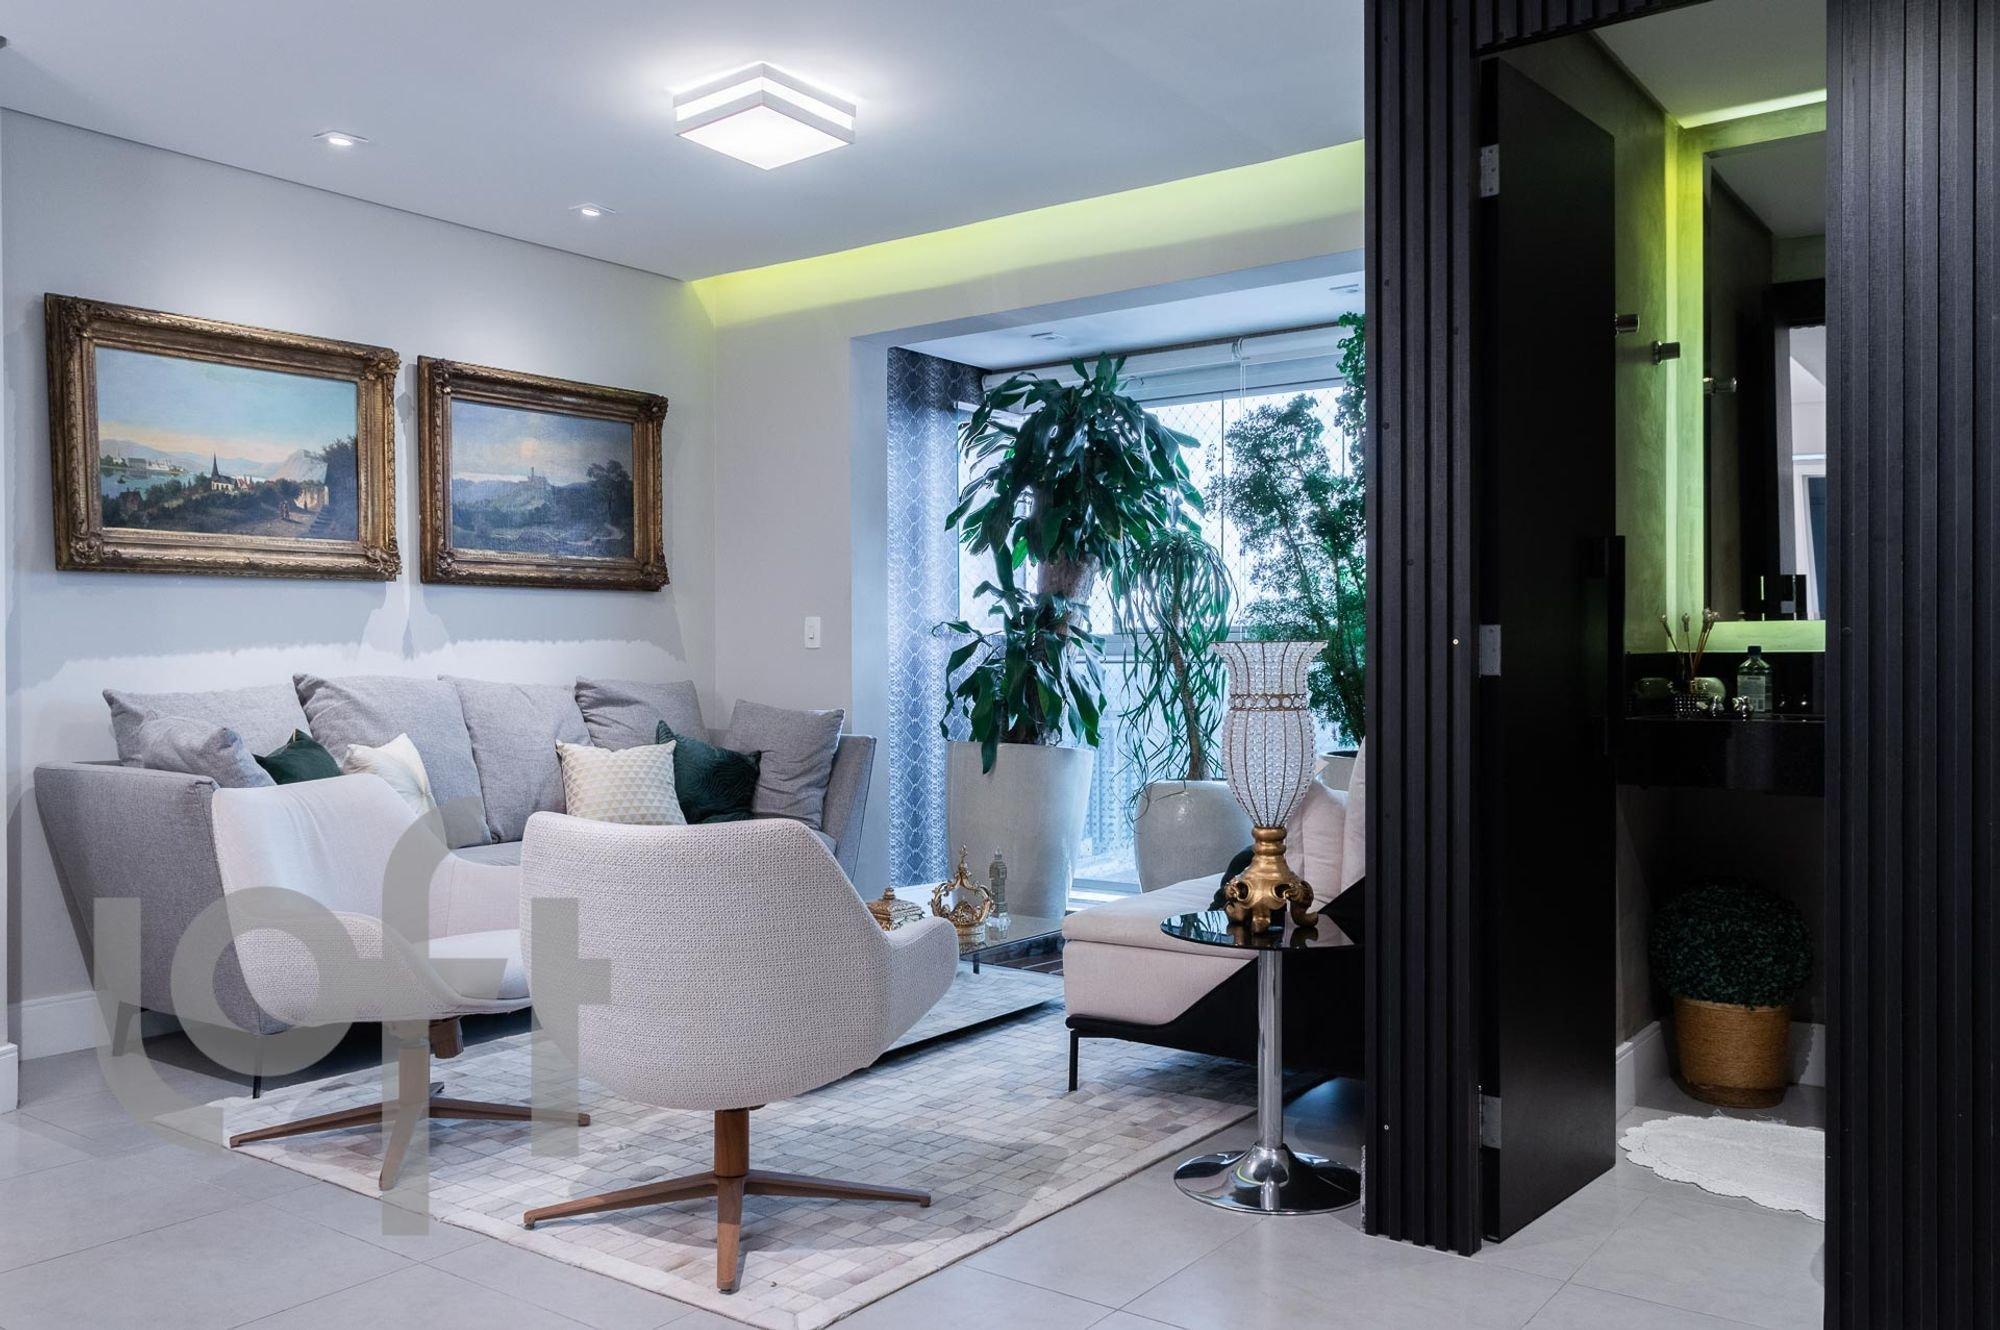 Foto de Sala com vaso de planta, sofá, garrafa, cadeira